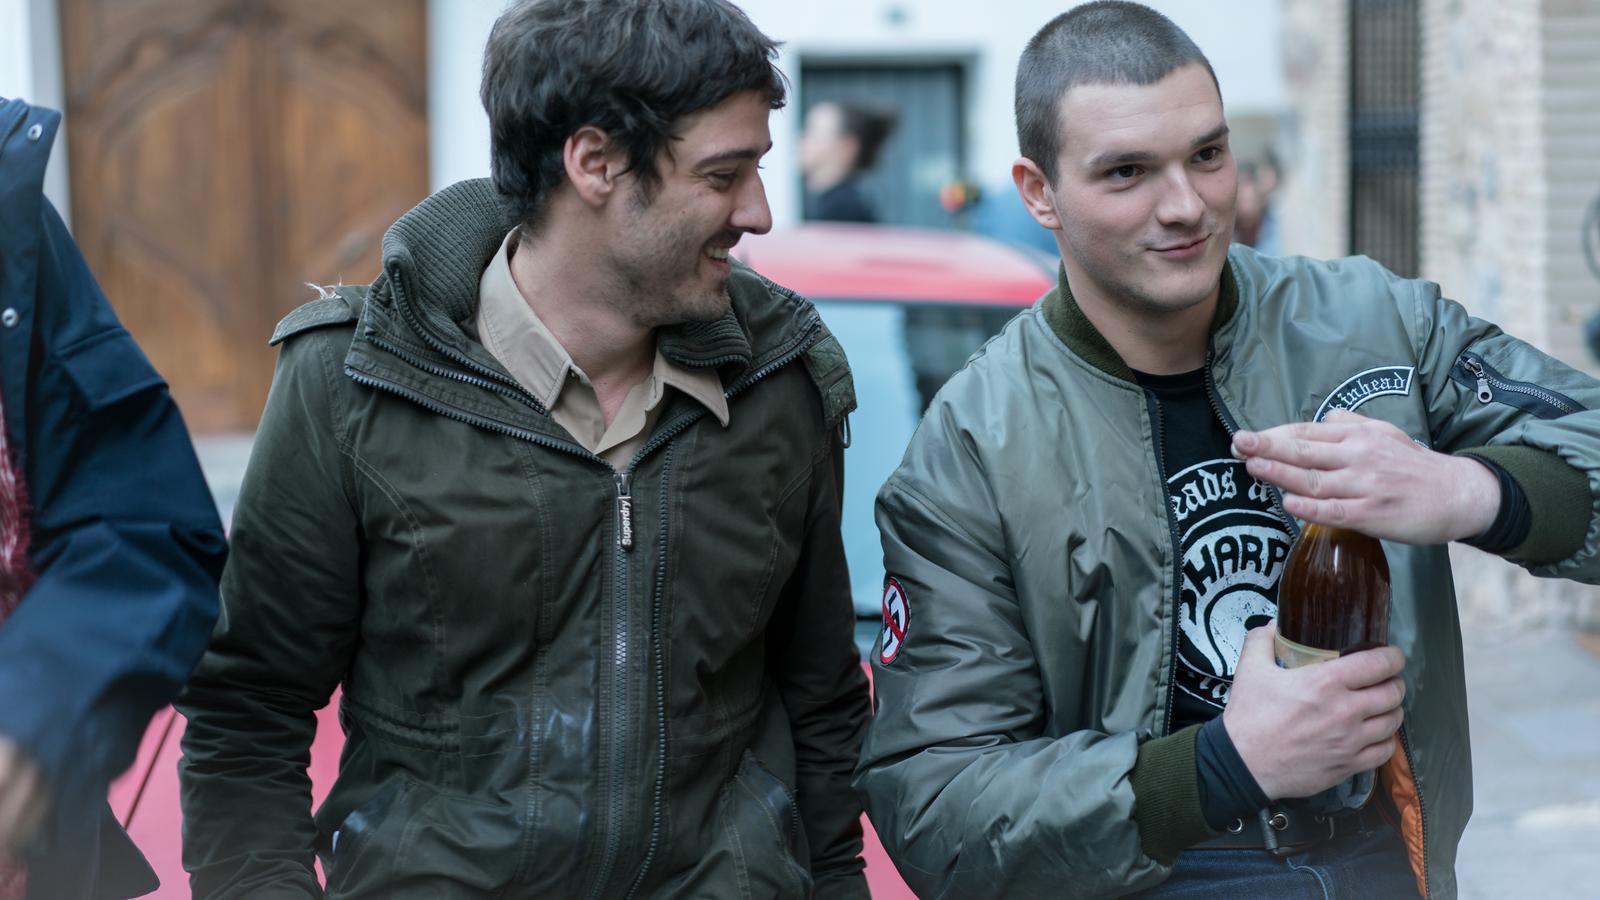 El director de 'La mort de Guillem', Carlos Marques-Marcet, amb Yanni Collado, l'actor debutant que interpreta al jove Guillem Agulló